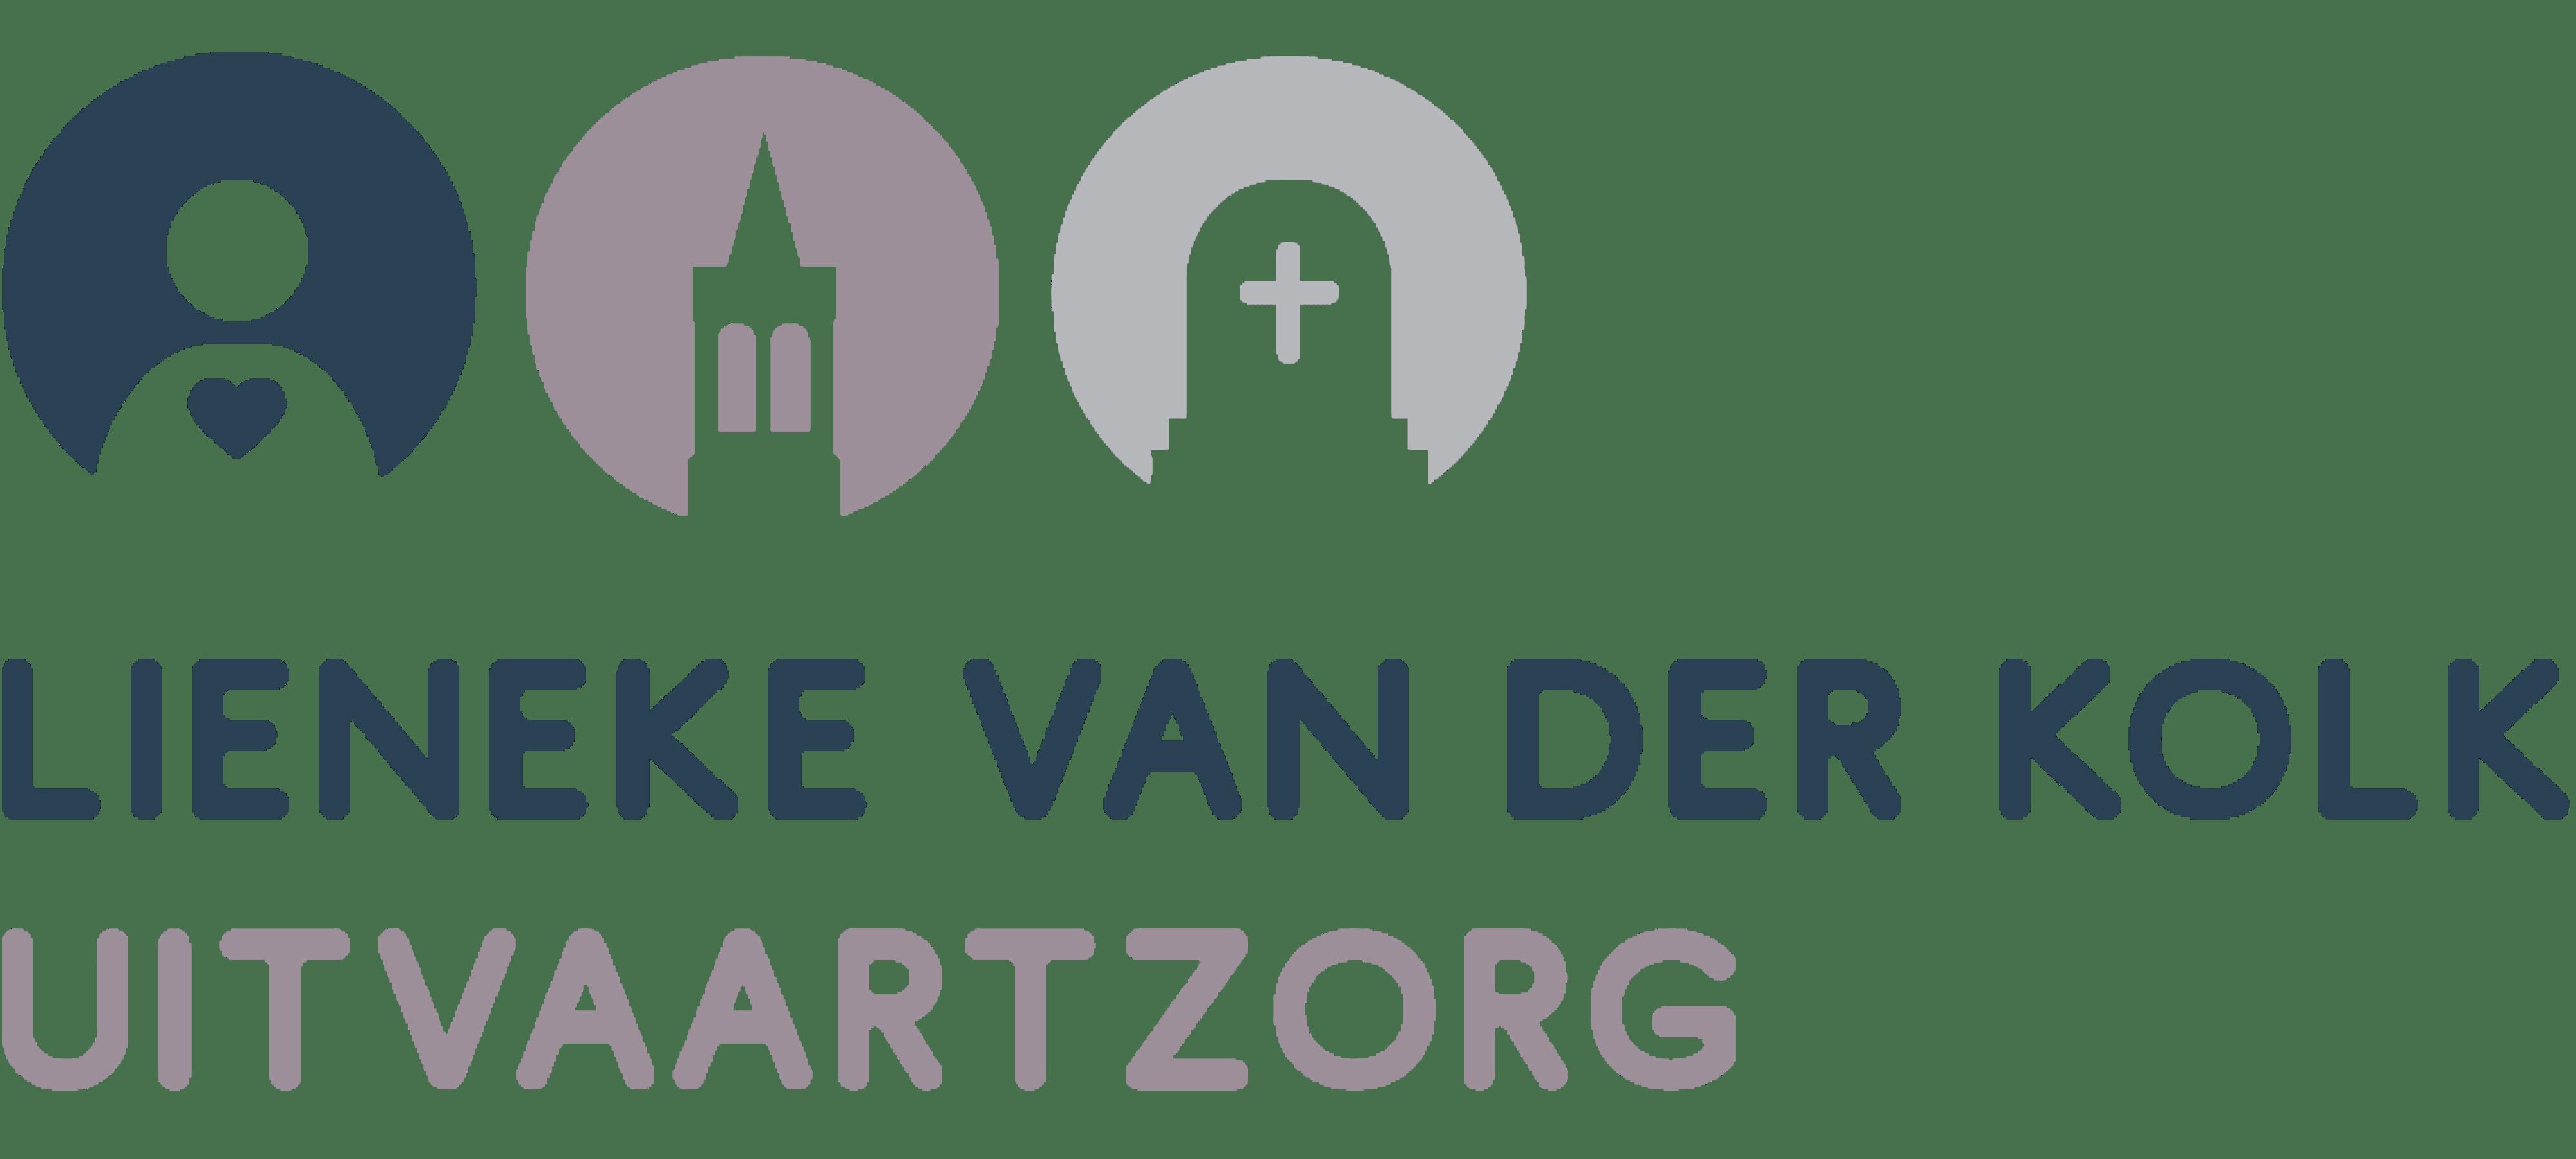 Lieneke van der Kolk